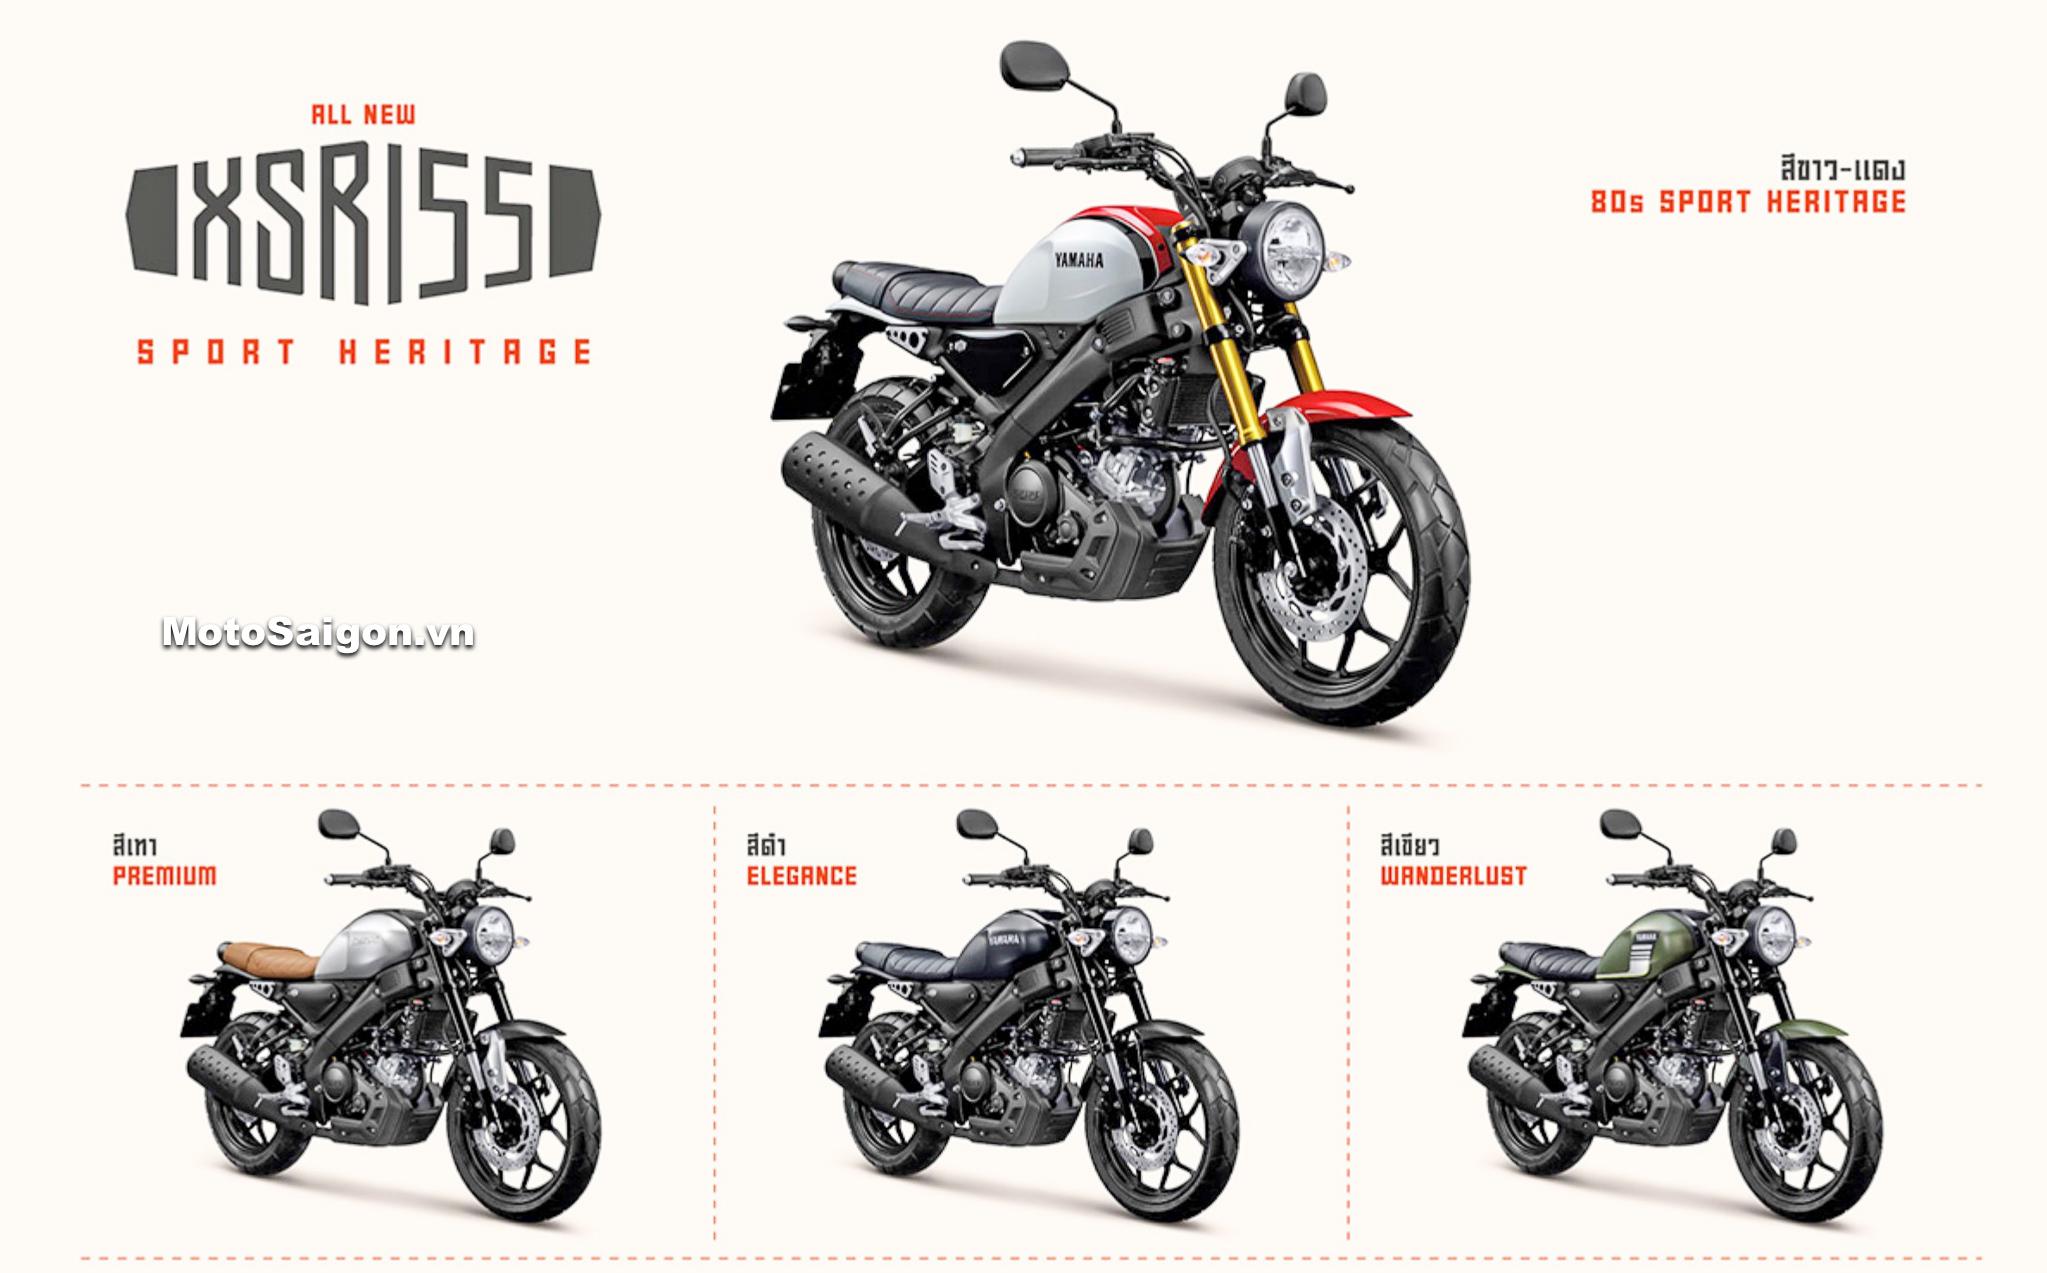 Yamaha XSR155 các phiên bản màu đồng giá bán